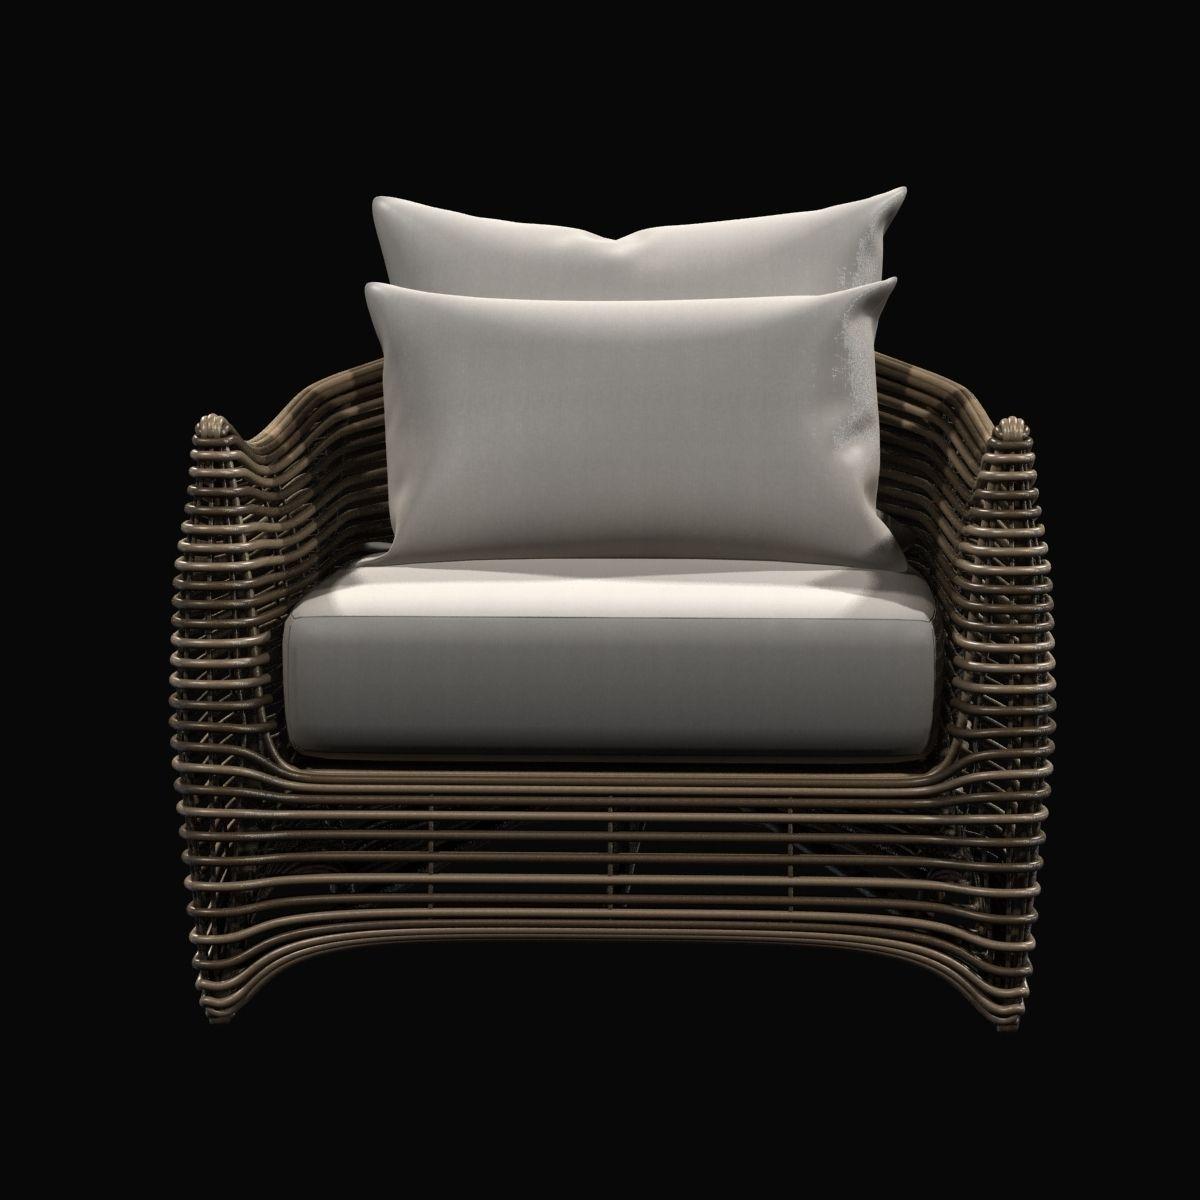 Innenarchitektur Lounge Outdoor Das Beste Von Artefacto St Bart Wicked Chair 3d Model